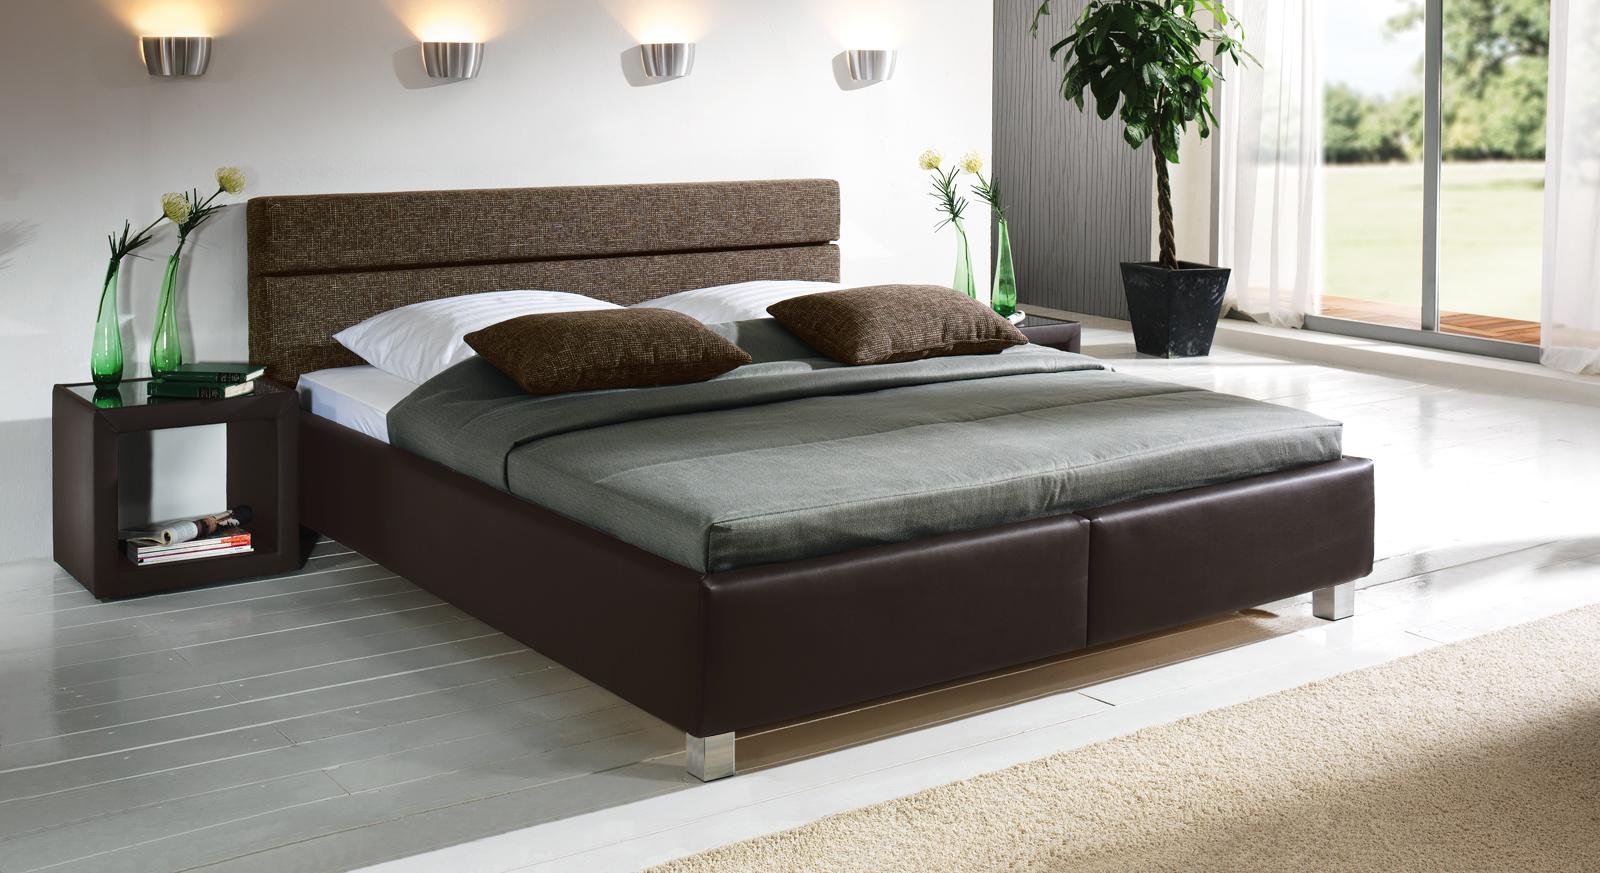 g nstiges polsterbett in schwarzem kunstleder sanremo. Black Bedroom Furniture Sets. Home Design Ideas